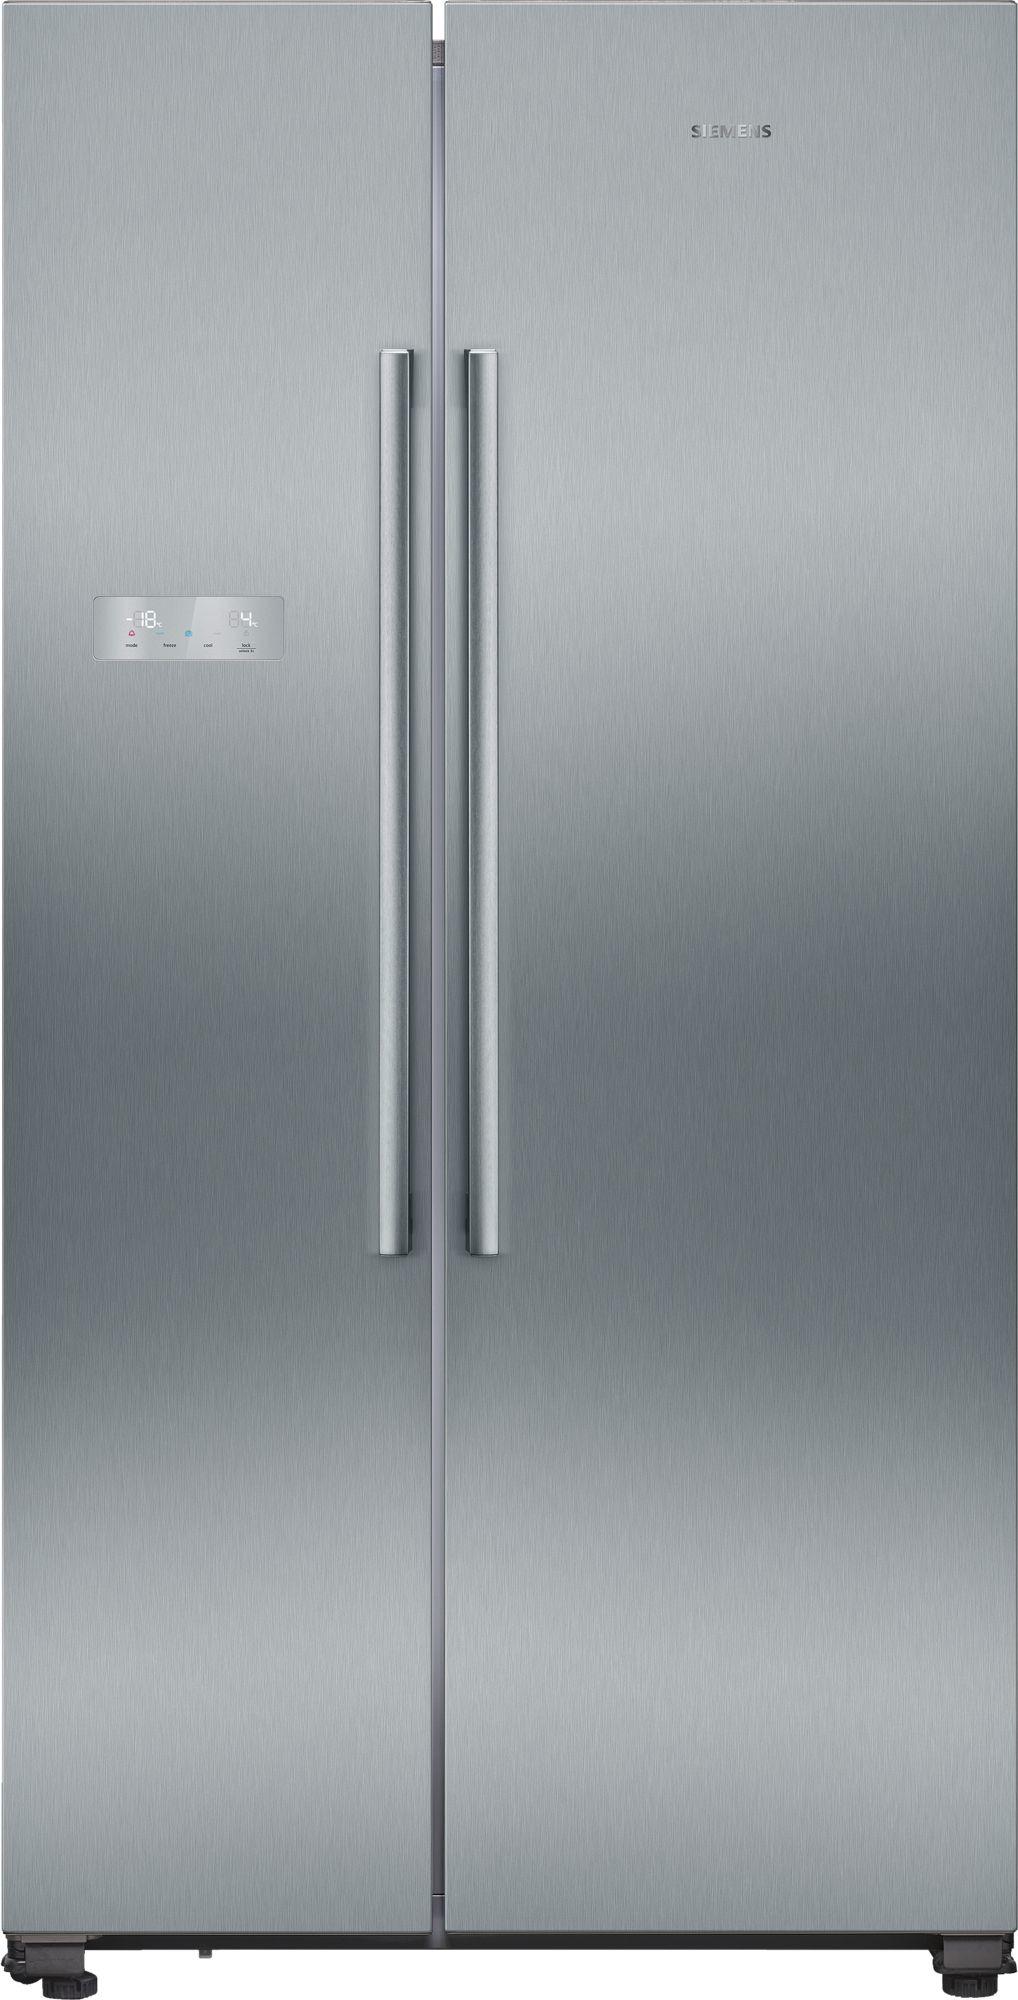 Siemens amerikaanse koelkast KA93NVIFP - Prijsvergelijk